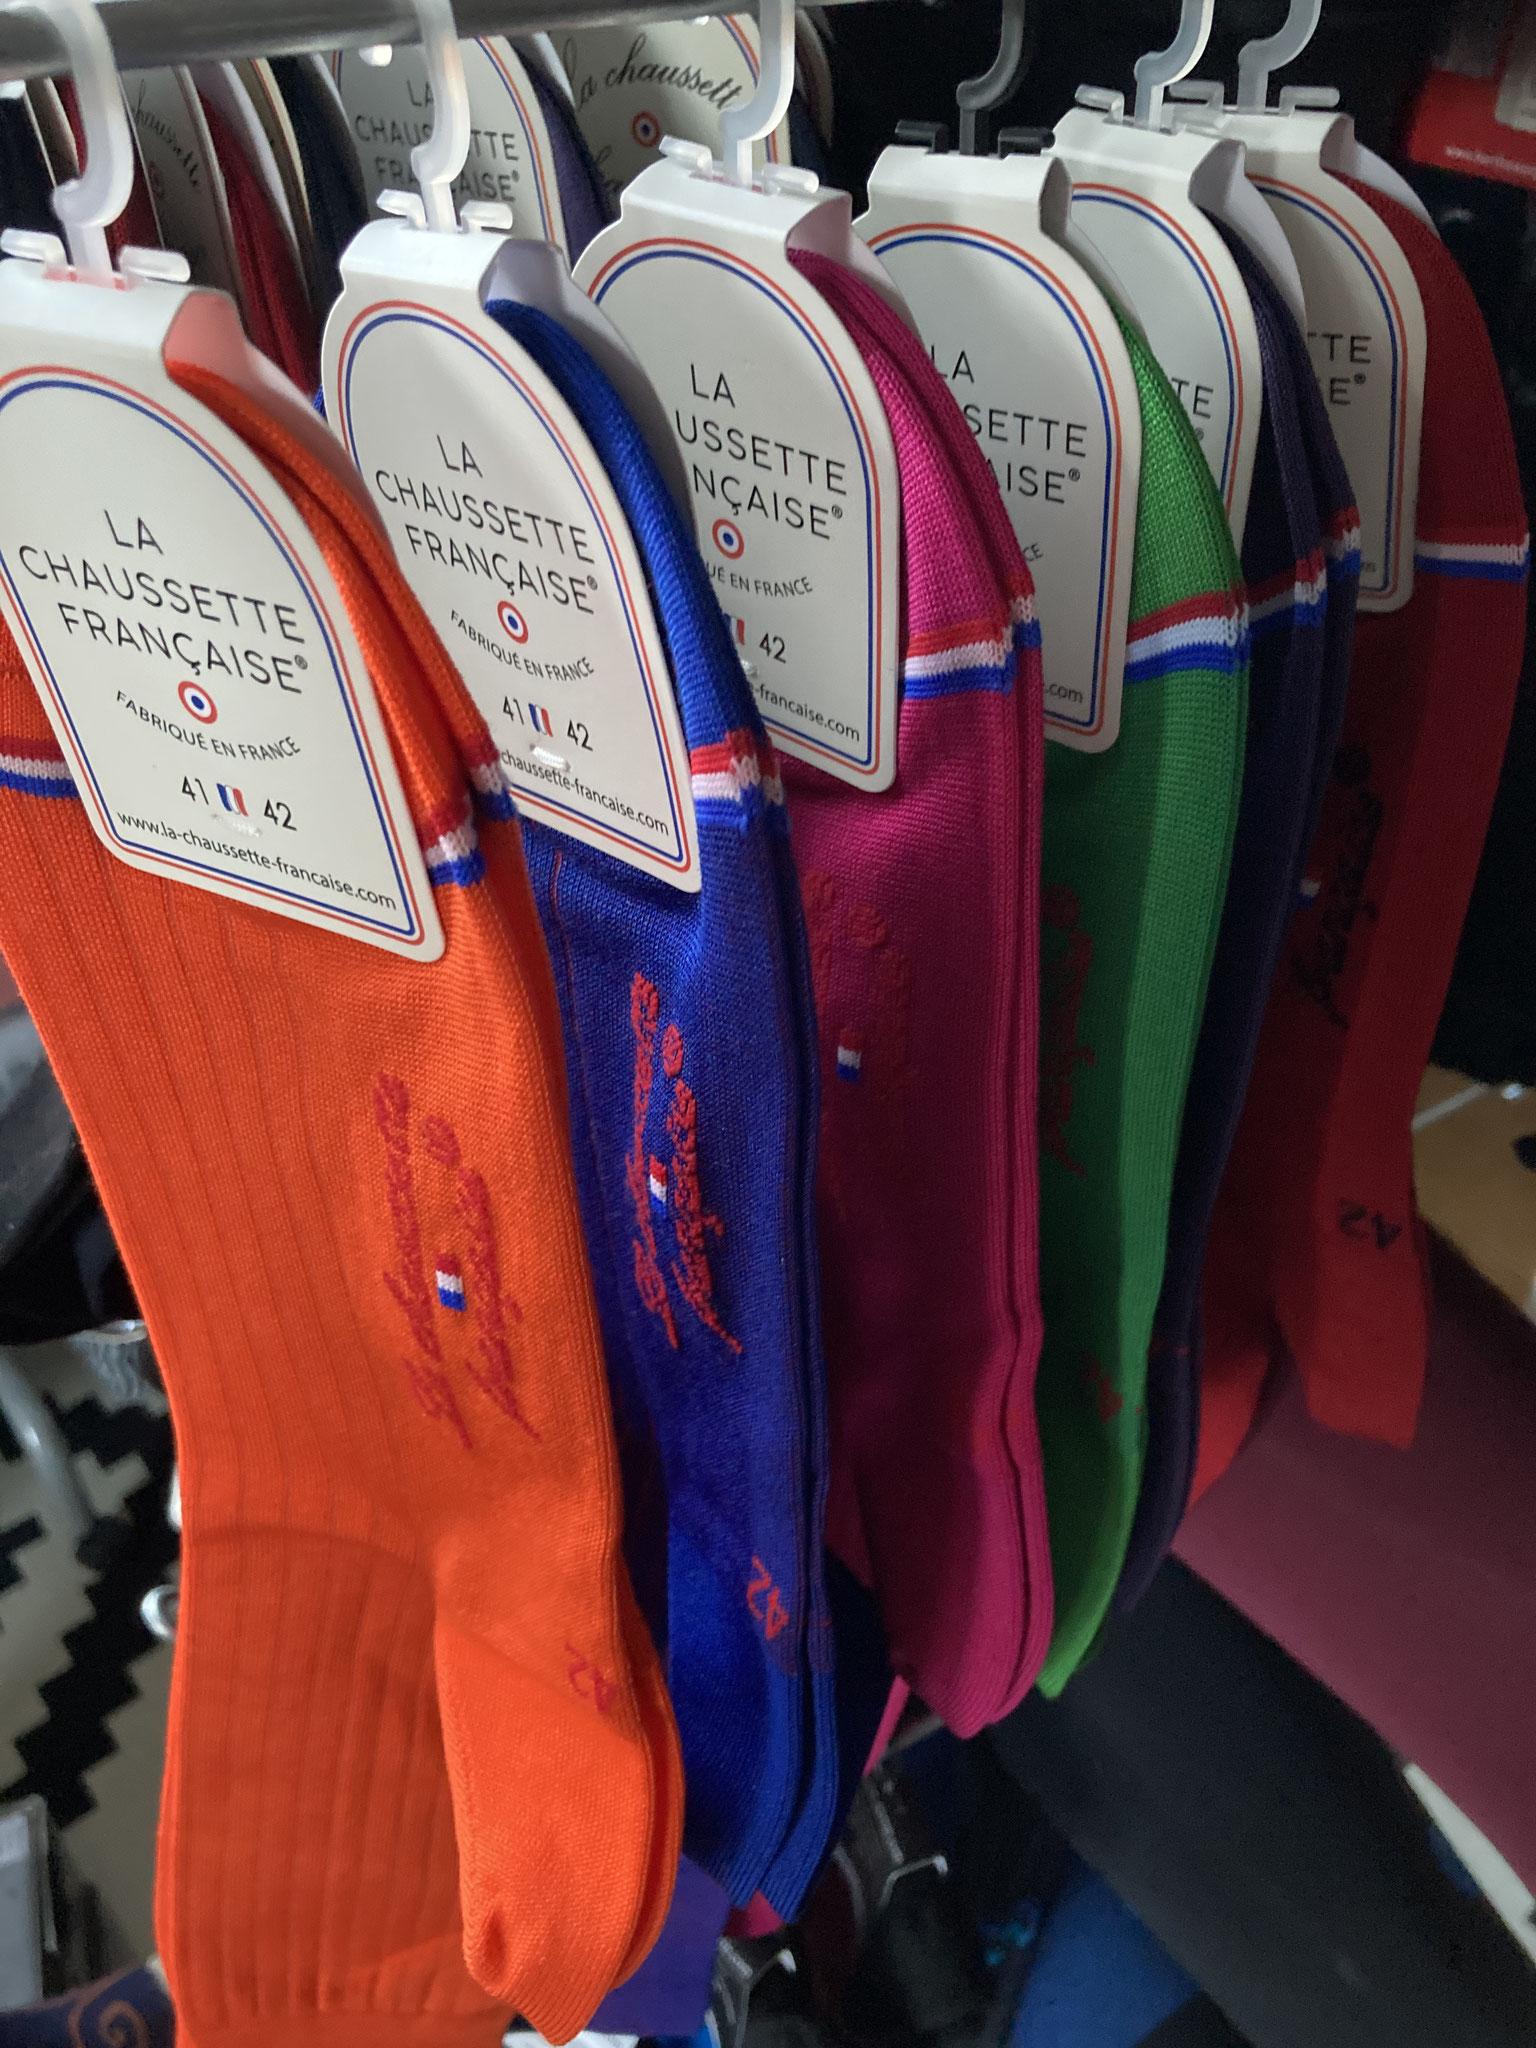 La Chaussette française die Edle aus mercerisierter BW (CHF 33.-) in Grössen 39/40 - 45/46 in 6 Farben